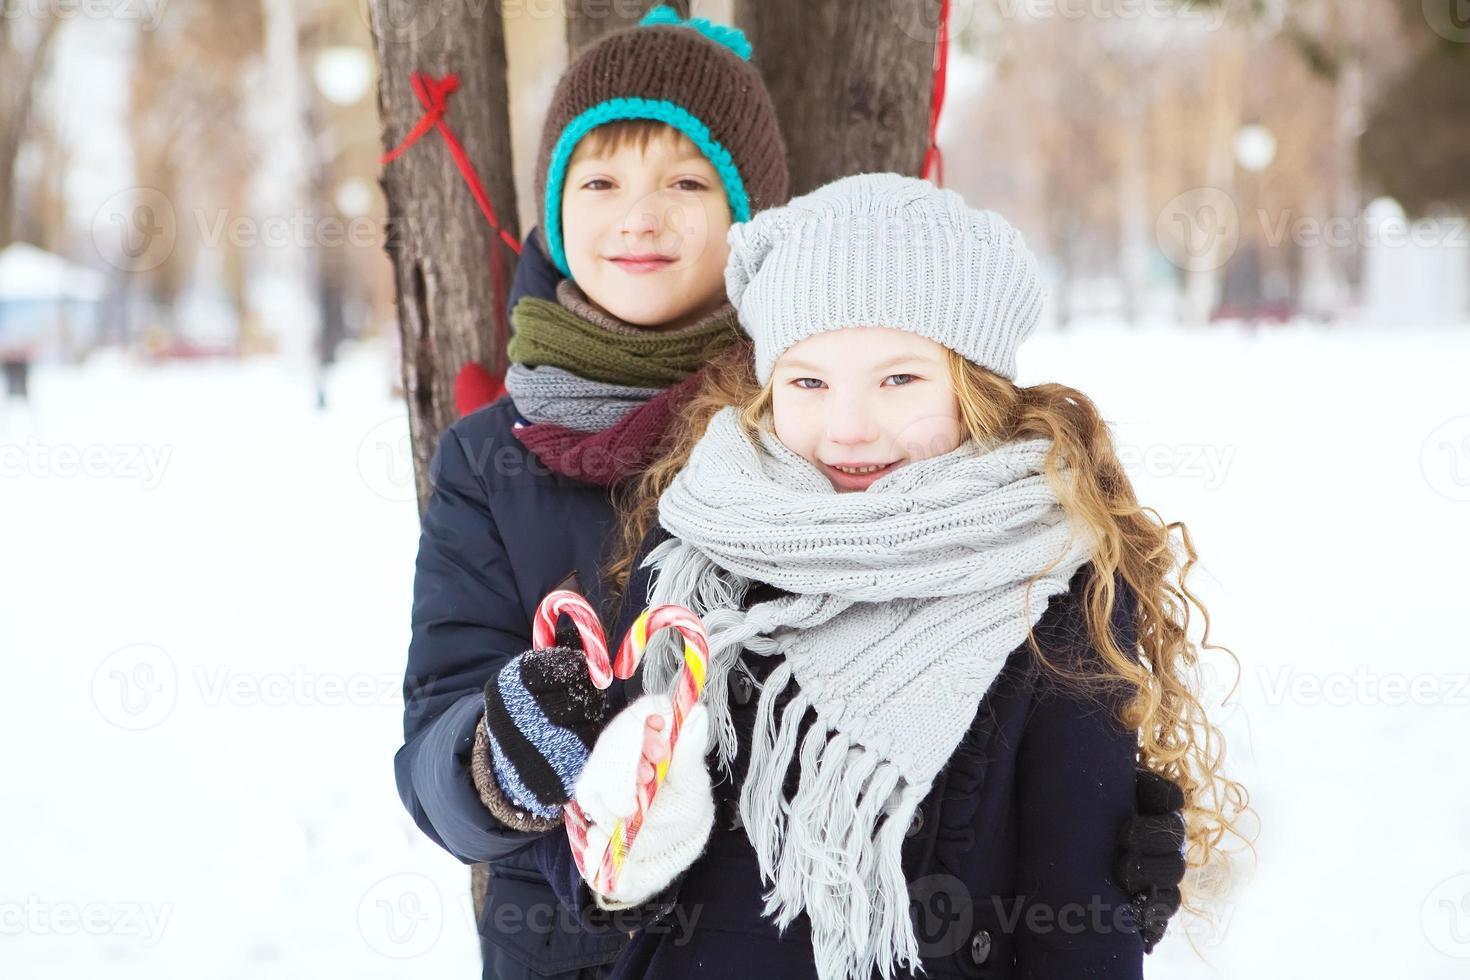 kinderen jongen en meisje speelden samen. foto